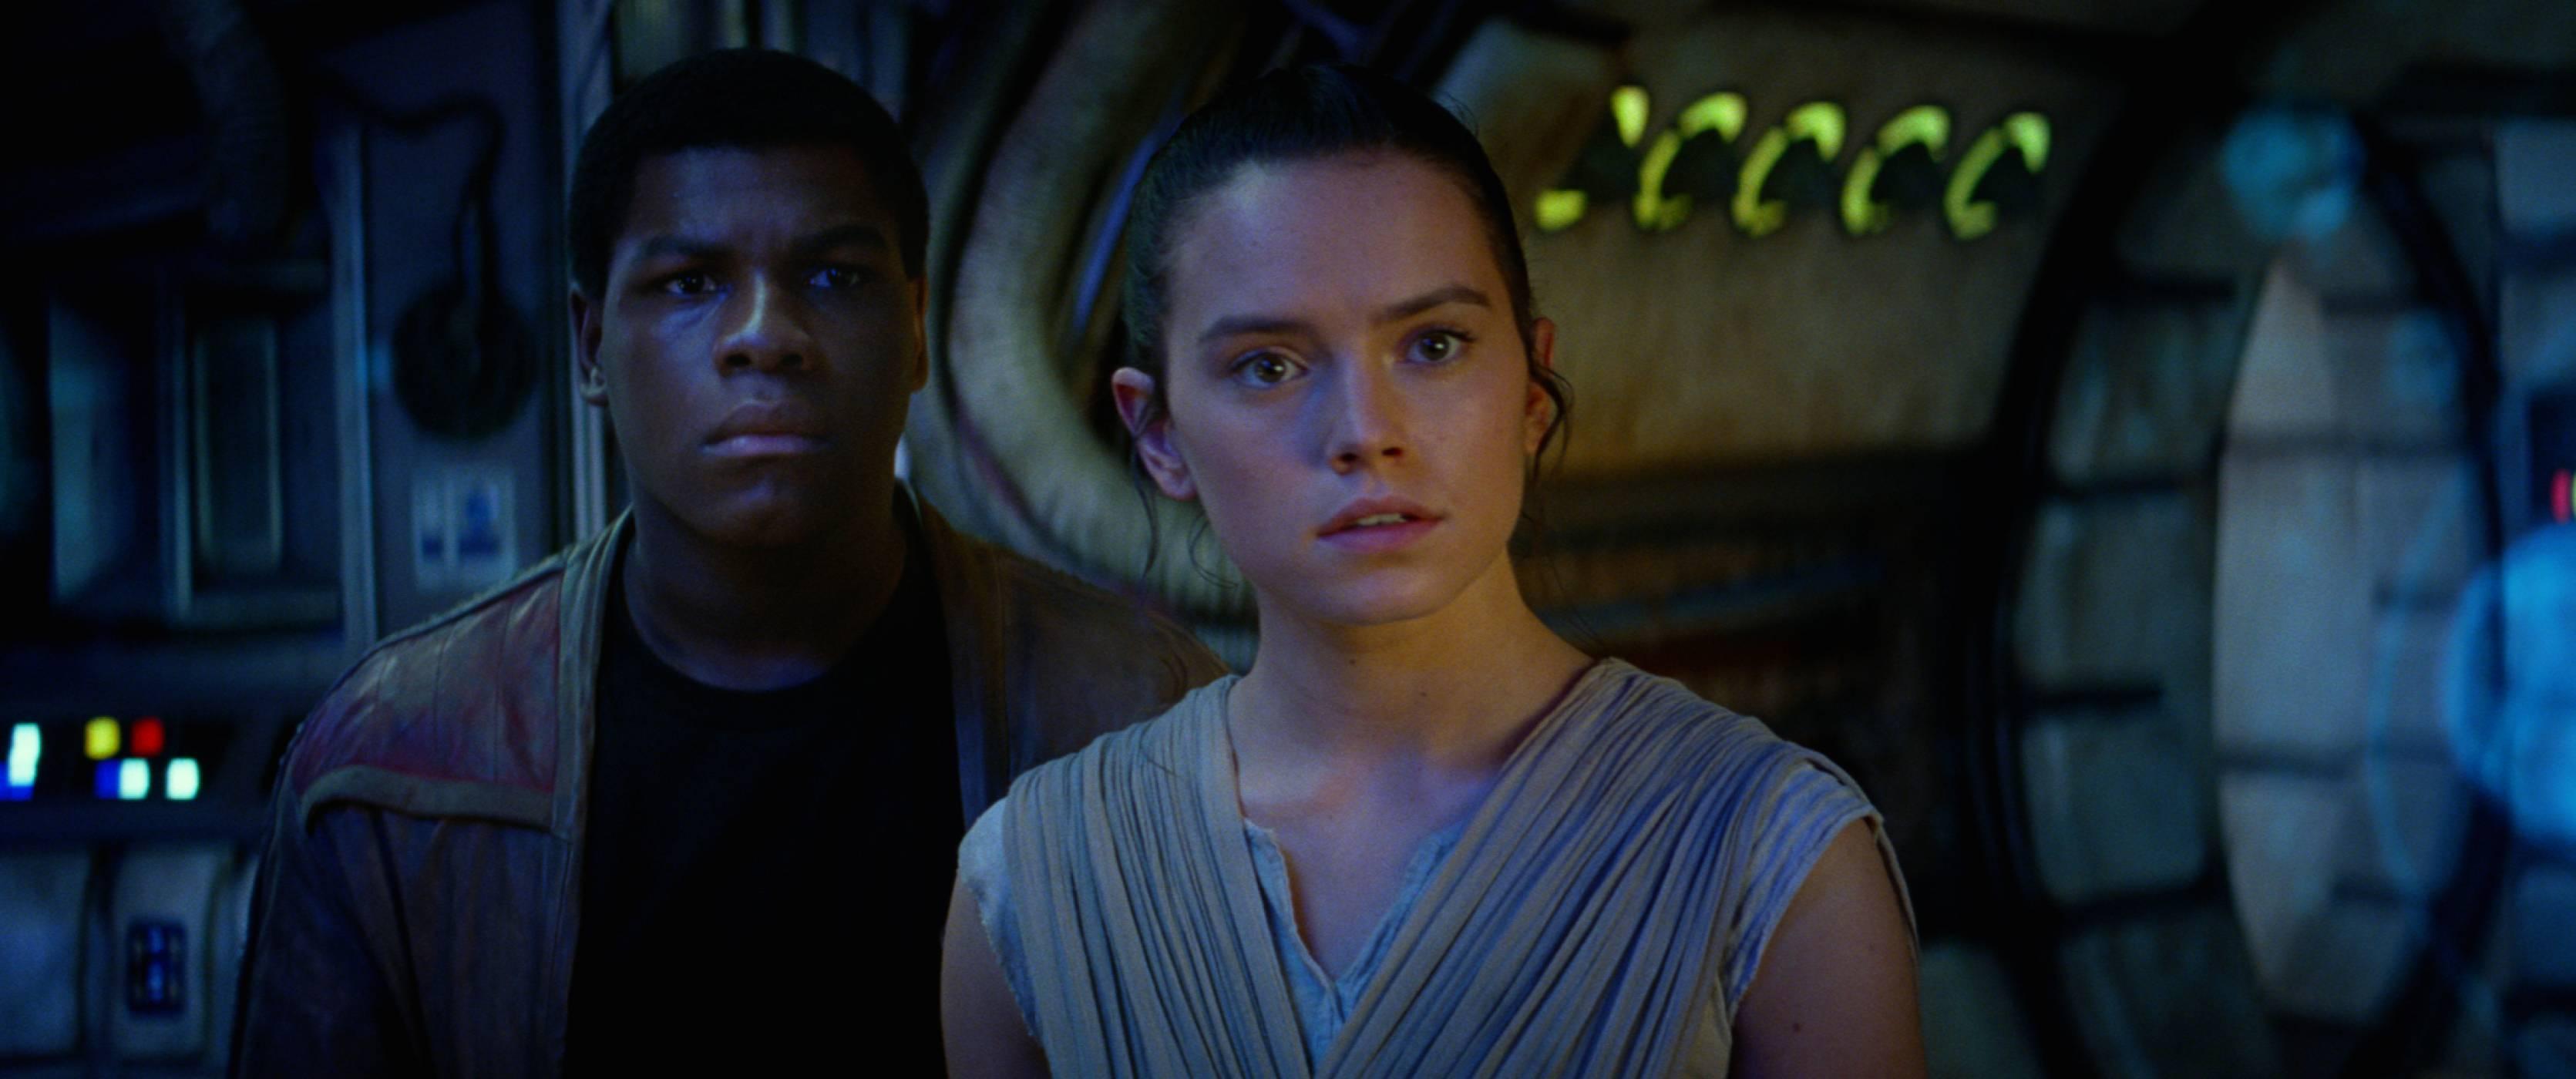 Netlix ще се бори за съдържанието си от филми от поредицата Star Wars и на Marvel